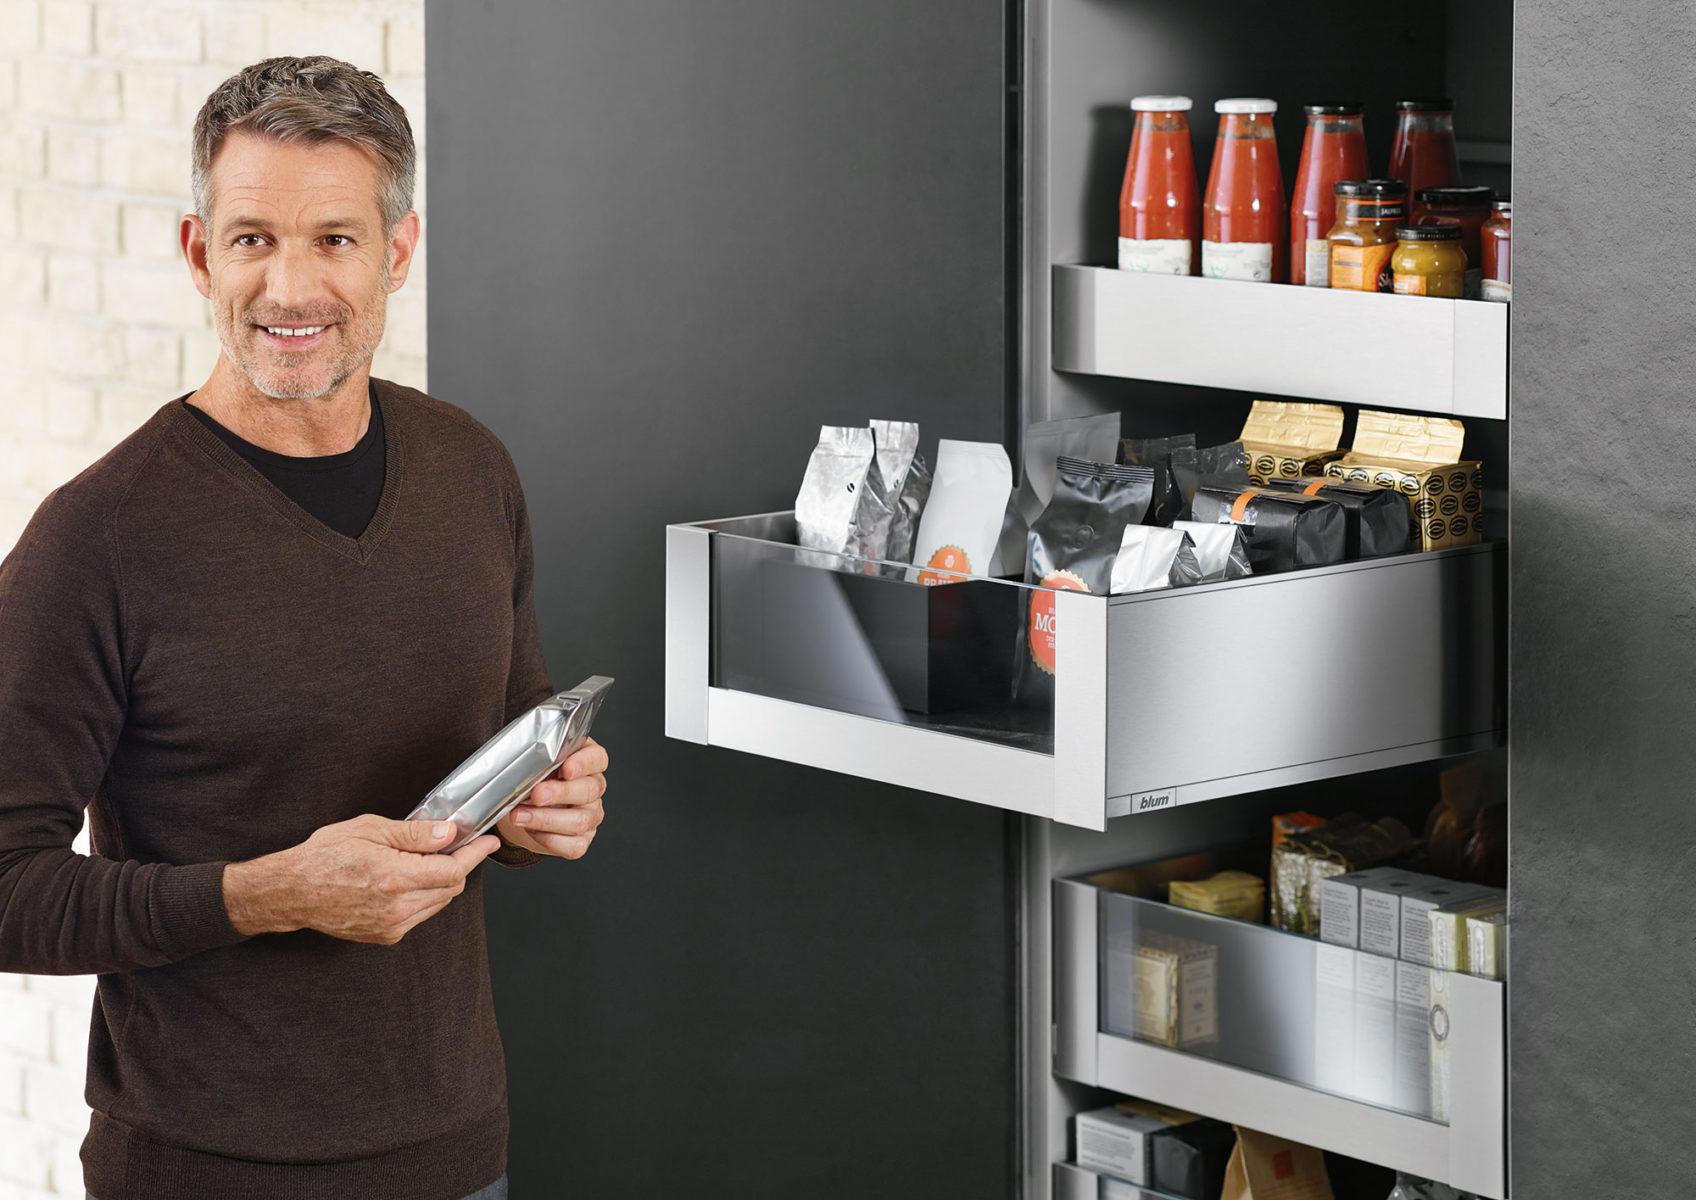 Шафа-колонка SPACE-TOWER ідеальна для зберігання продуктів та може замінити цілу кладовку